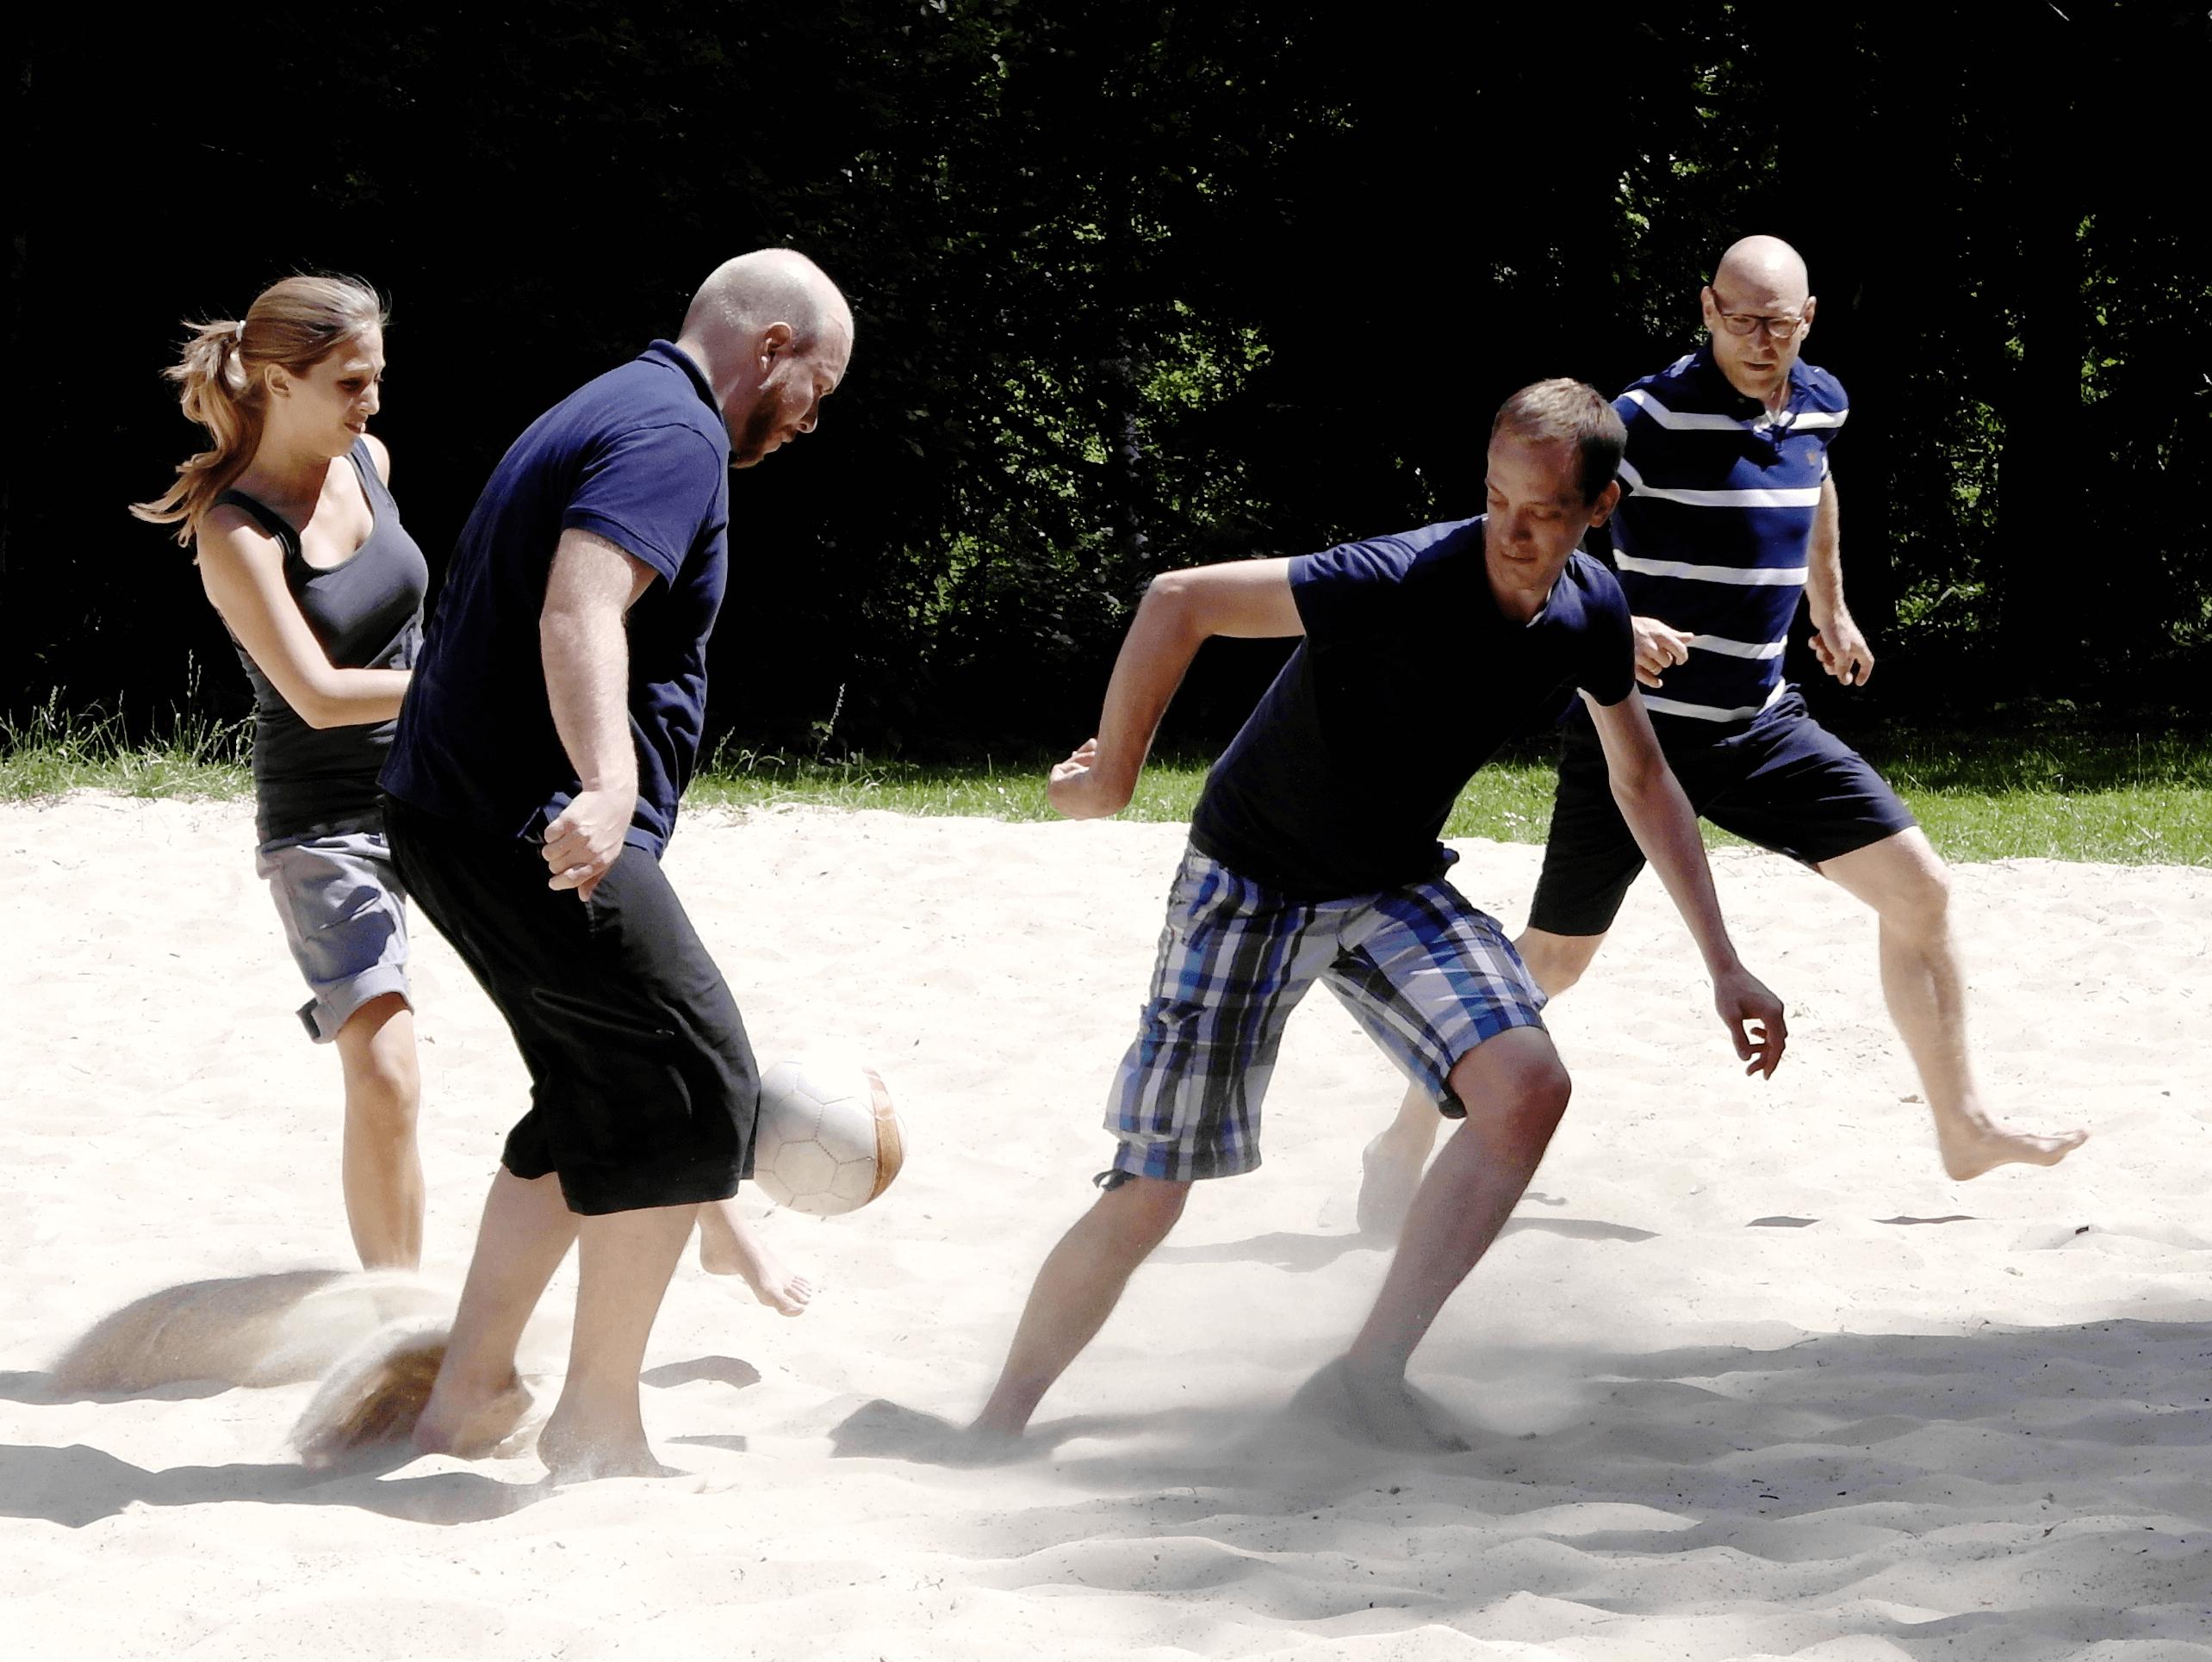 Team beim Ballspiel. Gute Zusammenarbeit macht Spaß.